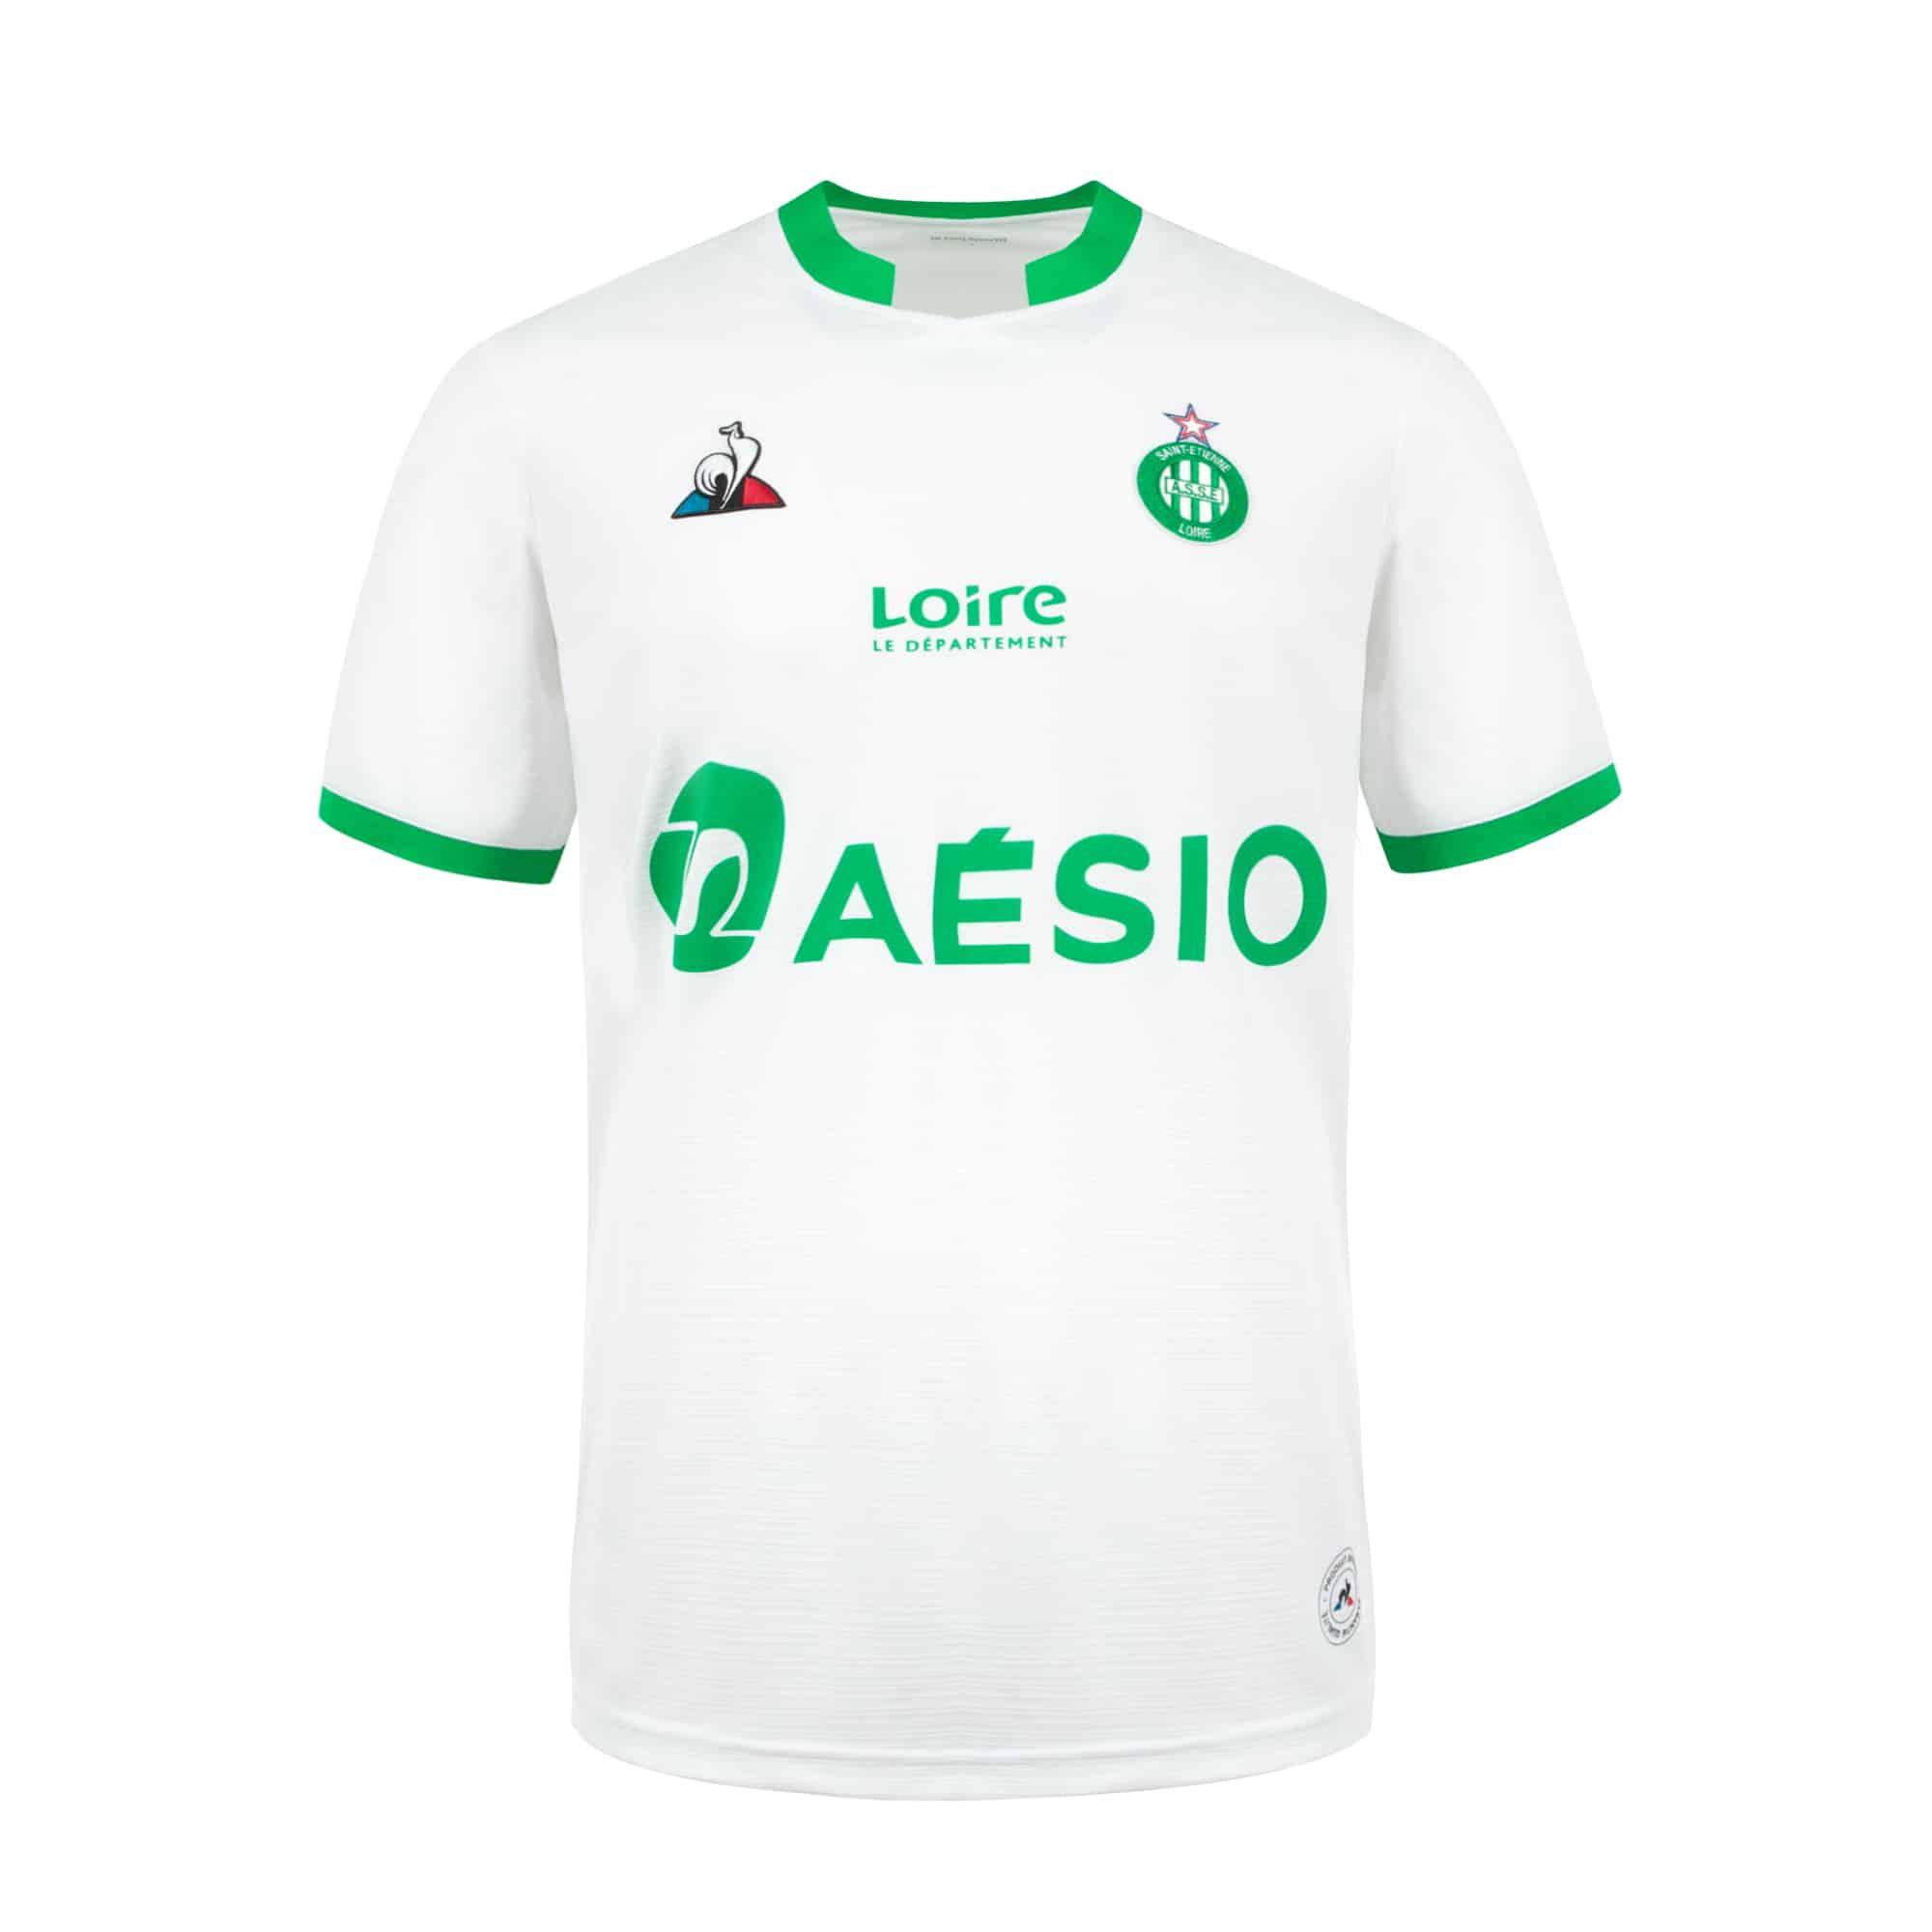 https://www.footpack.fr/wp-content/uploads/2020/07/maillot-exterieur-as-saint-etienne-2020-2021-le-coq-sportif.jpg